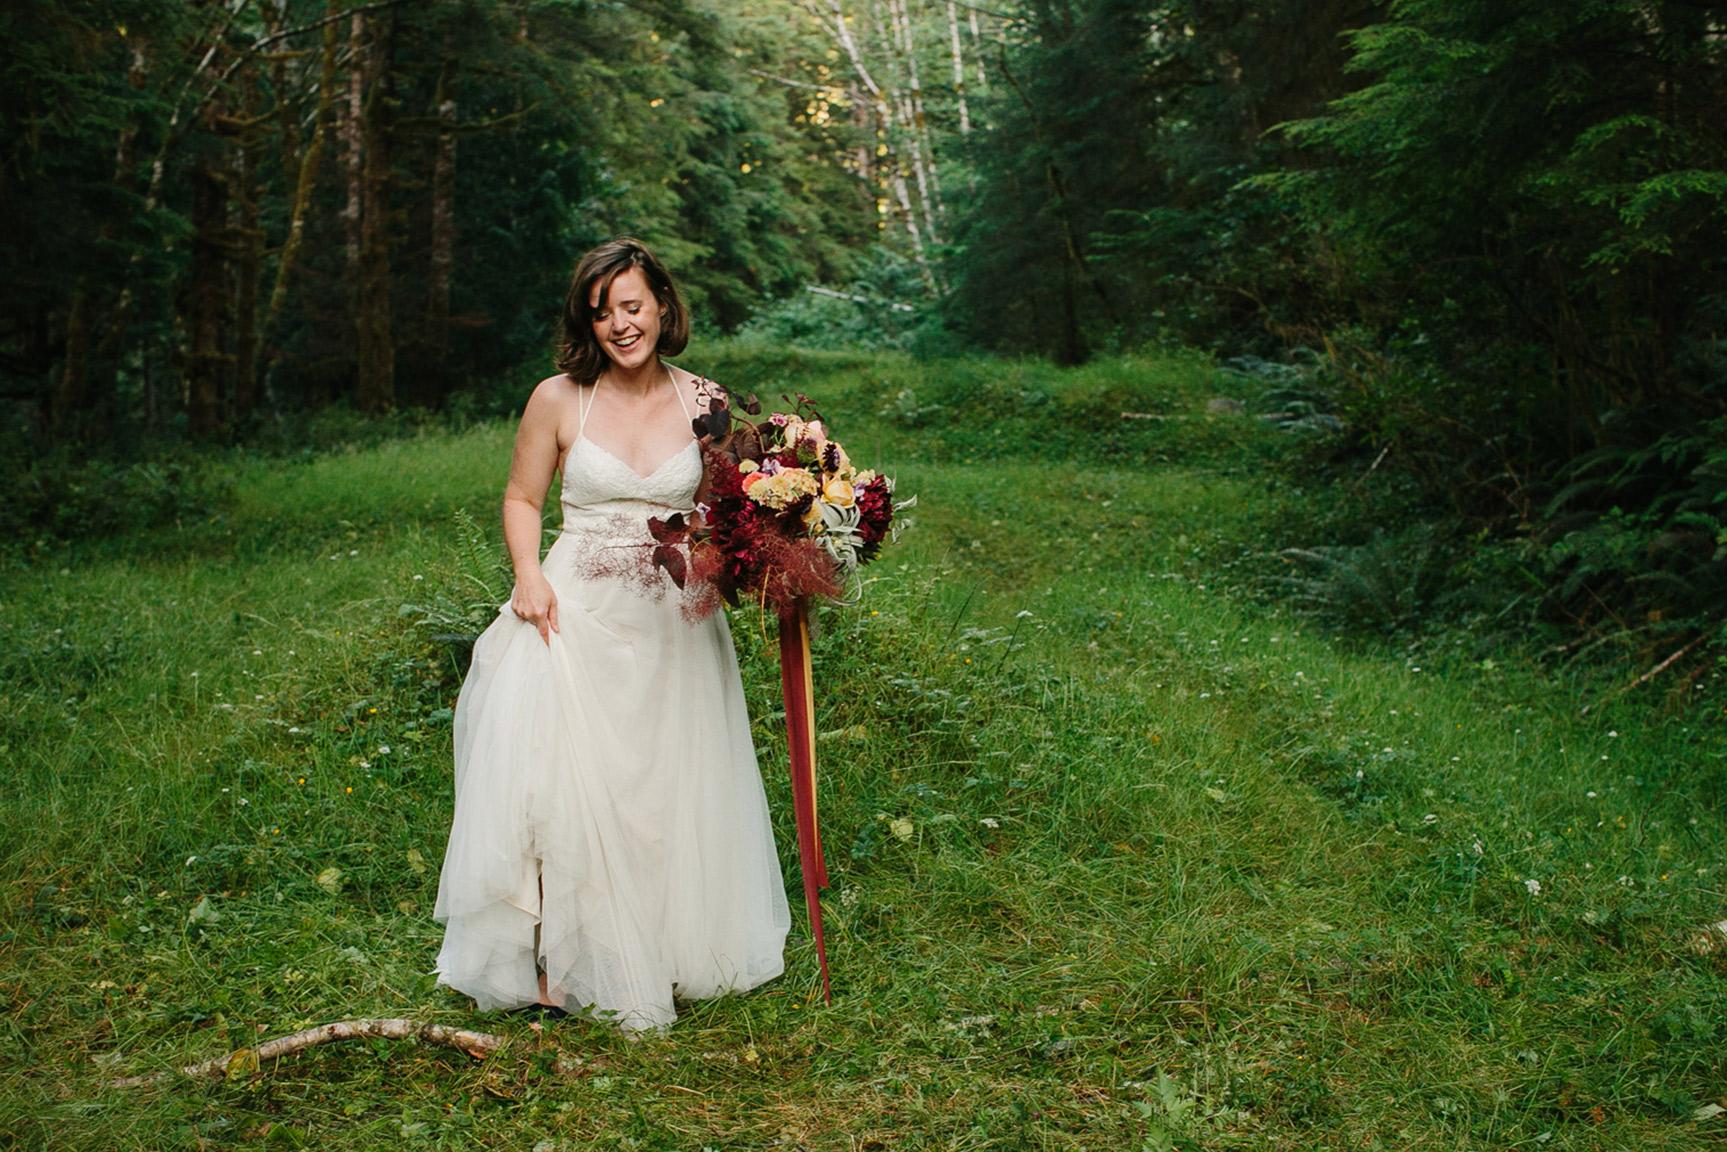 Washington_WeddingPhotographer_029.jpg